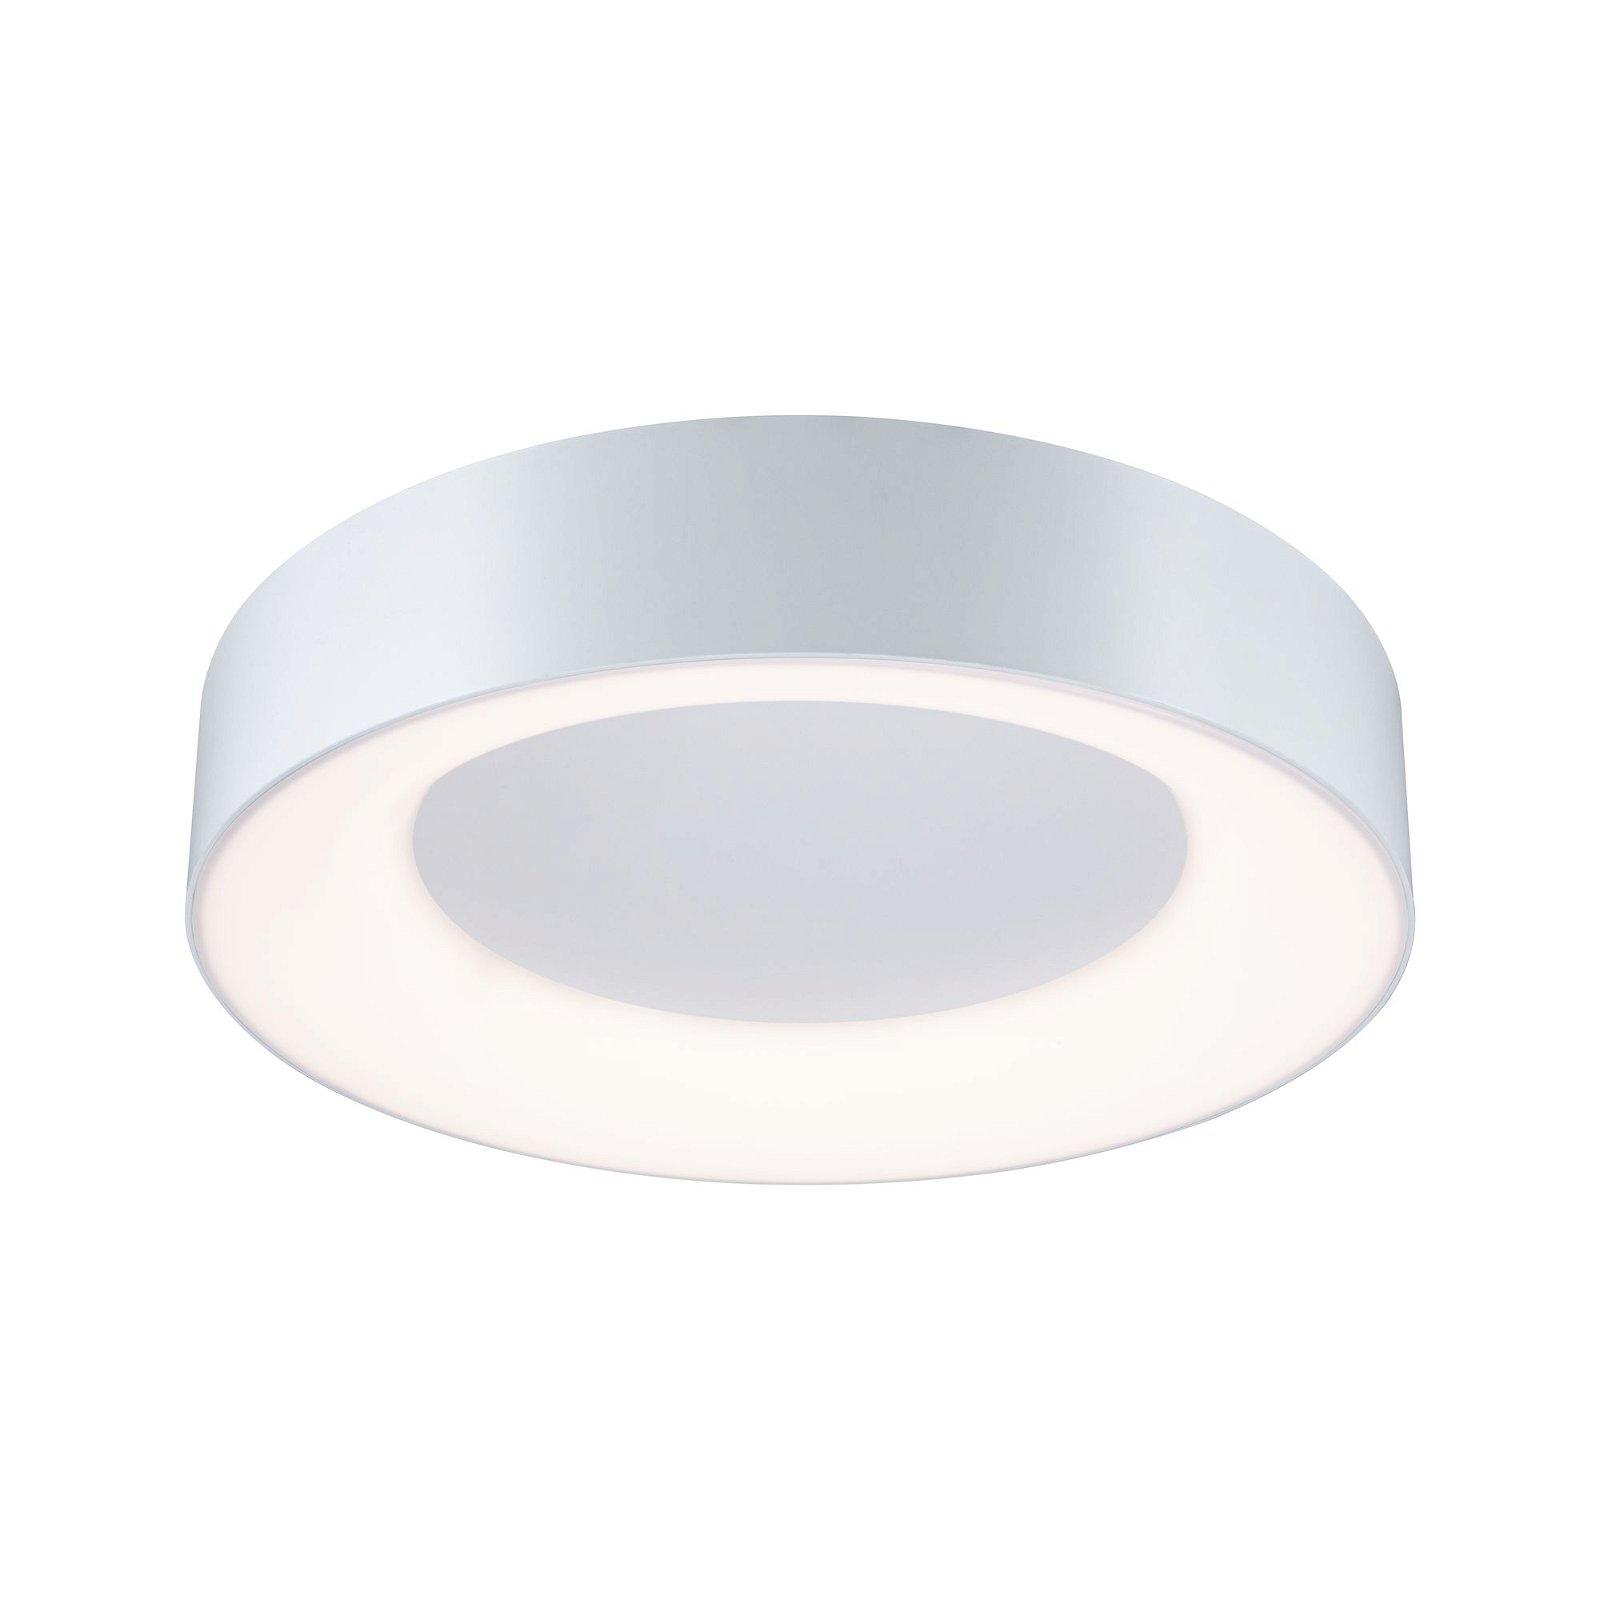 HomeSpa LED Deckenleuchte Casca IP44 White Switch 3200lm 230V 23W Weiß